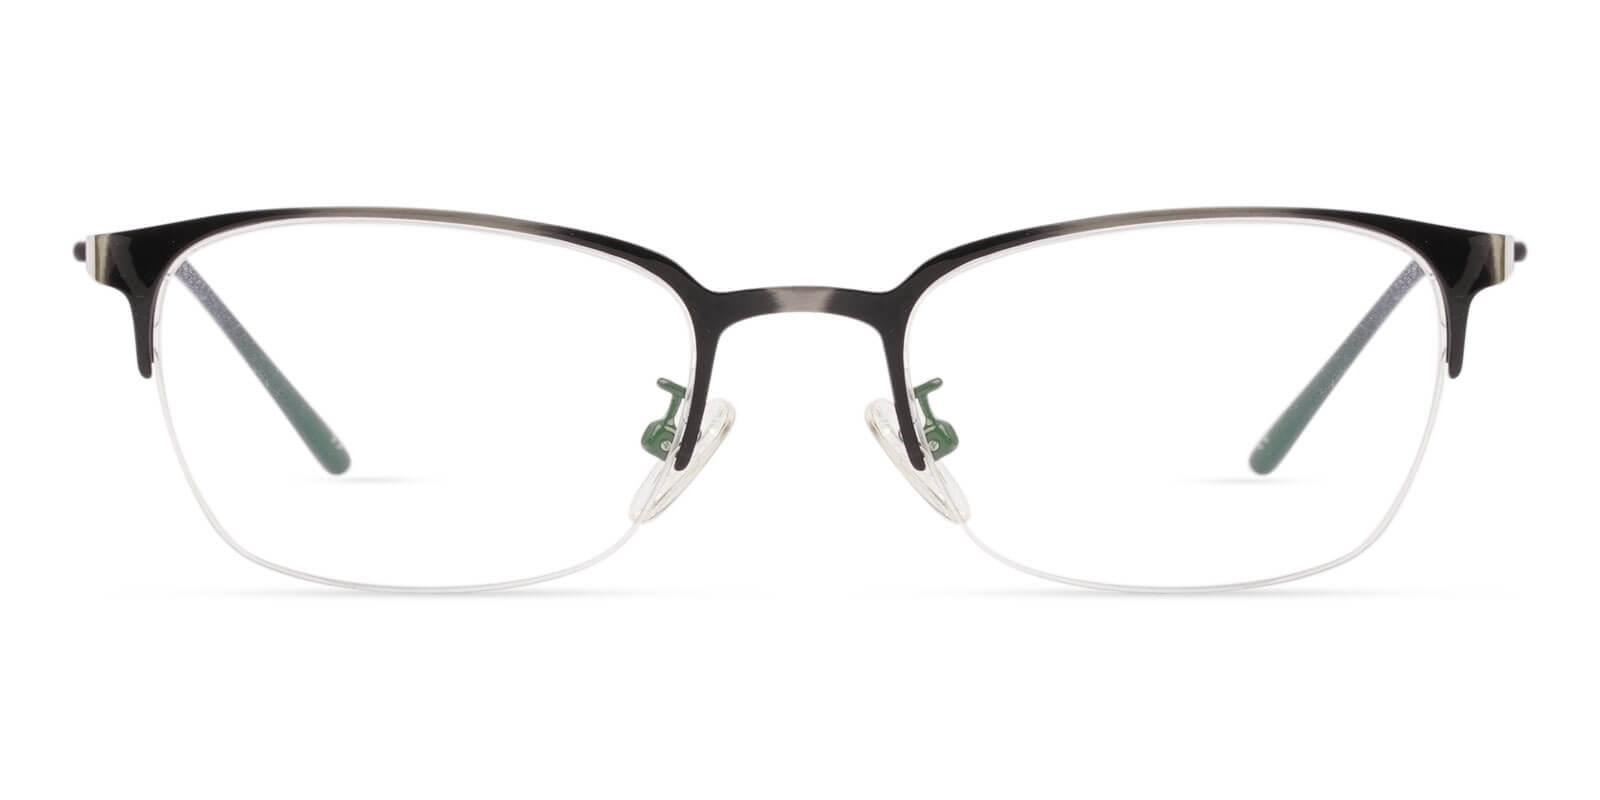 Lassiter Gun Metal NosePads , Eyeglasses Frames from ABBE Glasses